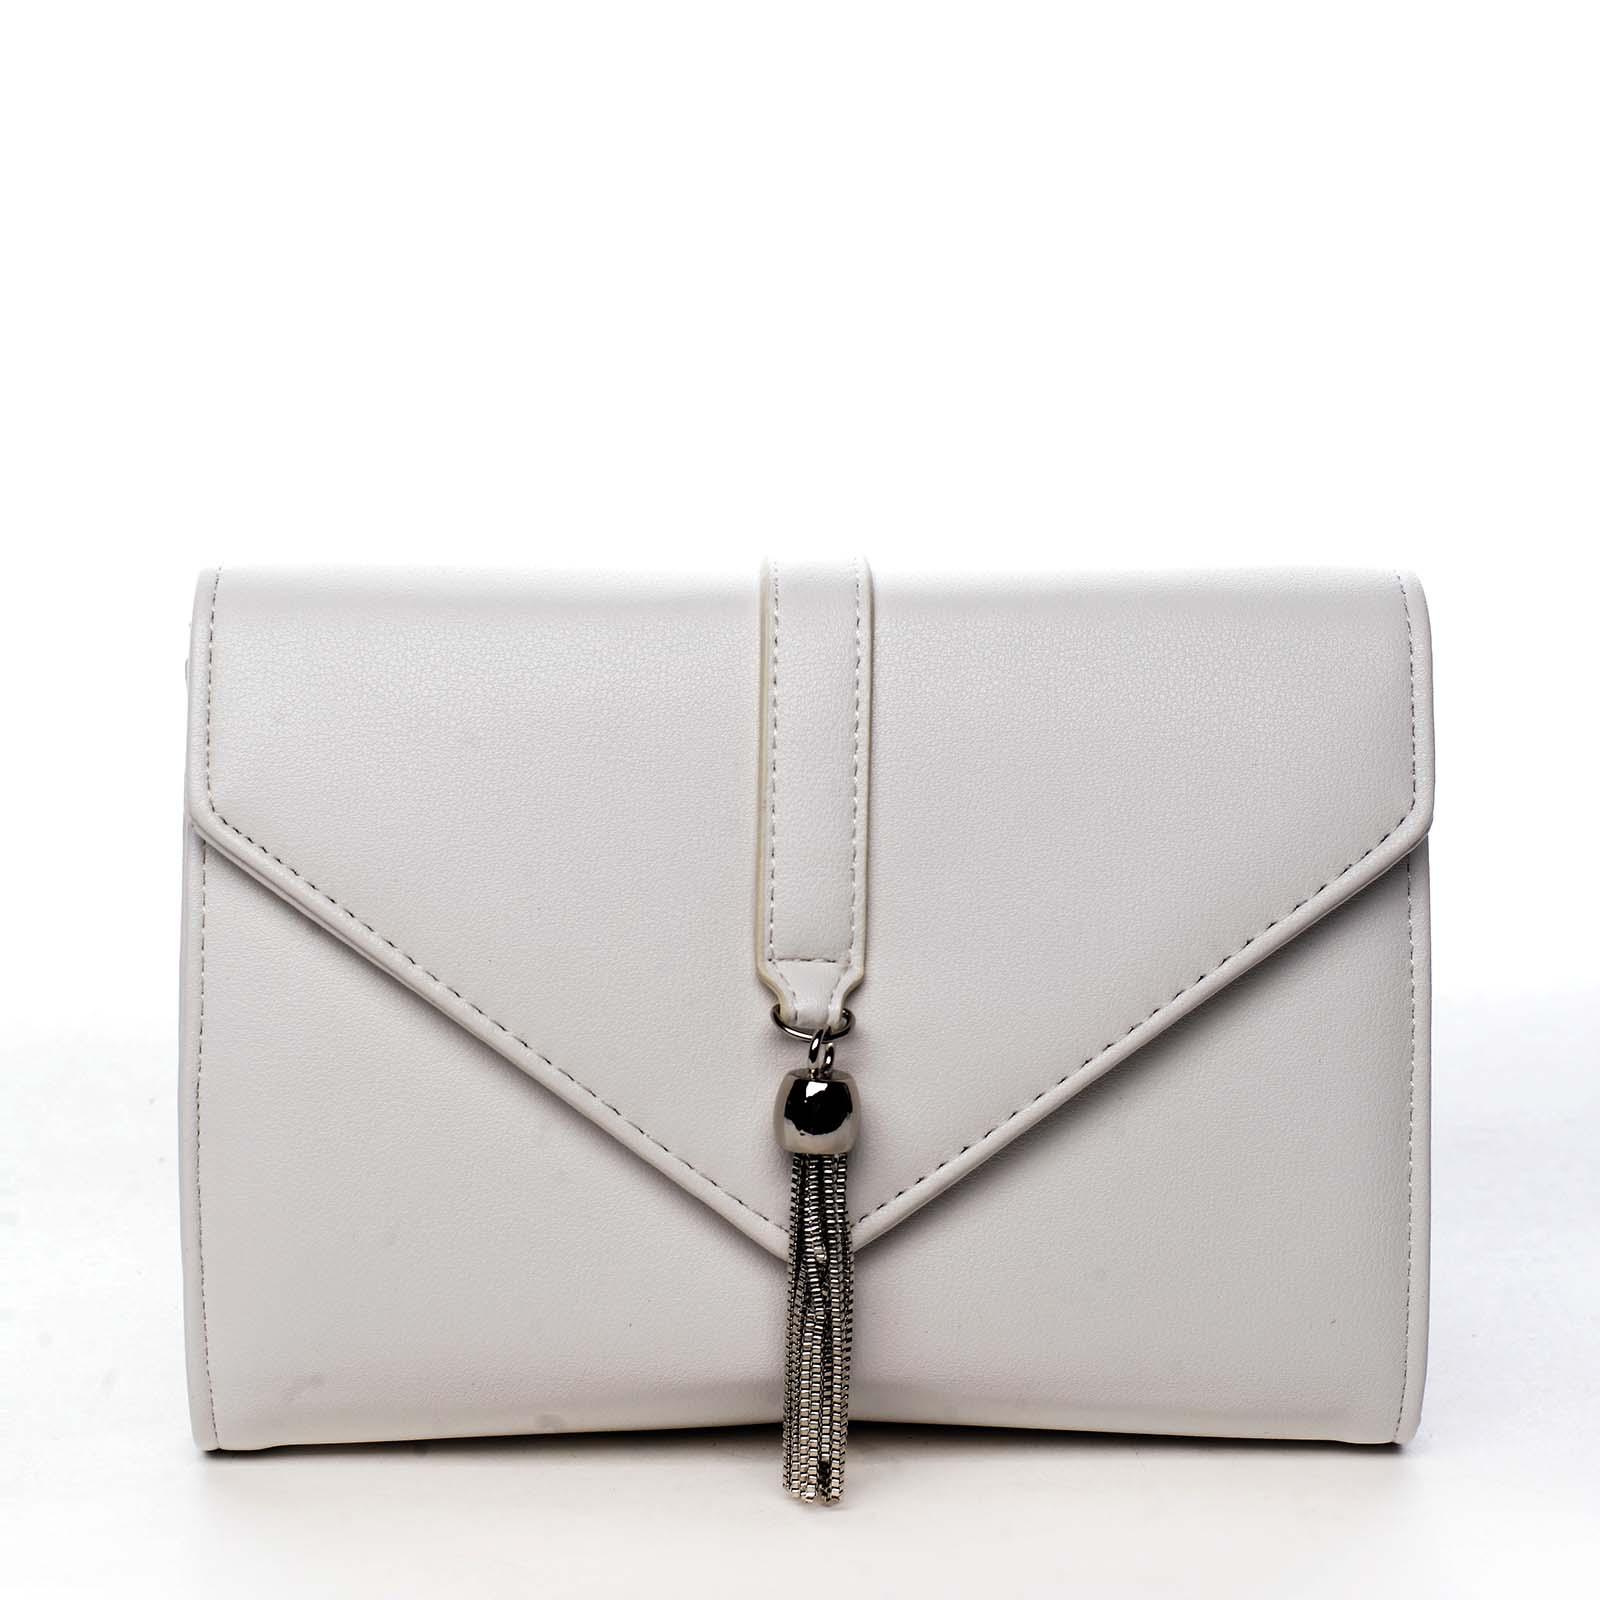 Dámska listová kabelka bielá - Michelle Moon F850